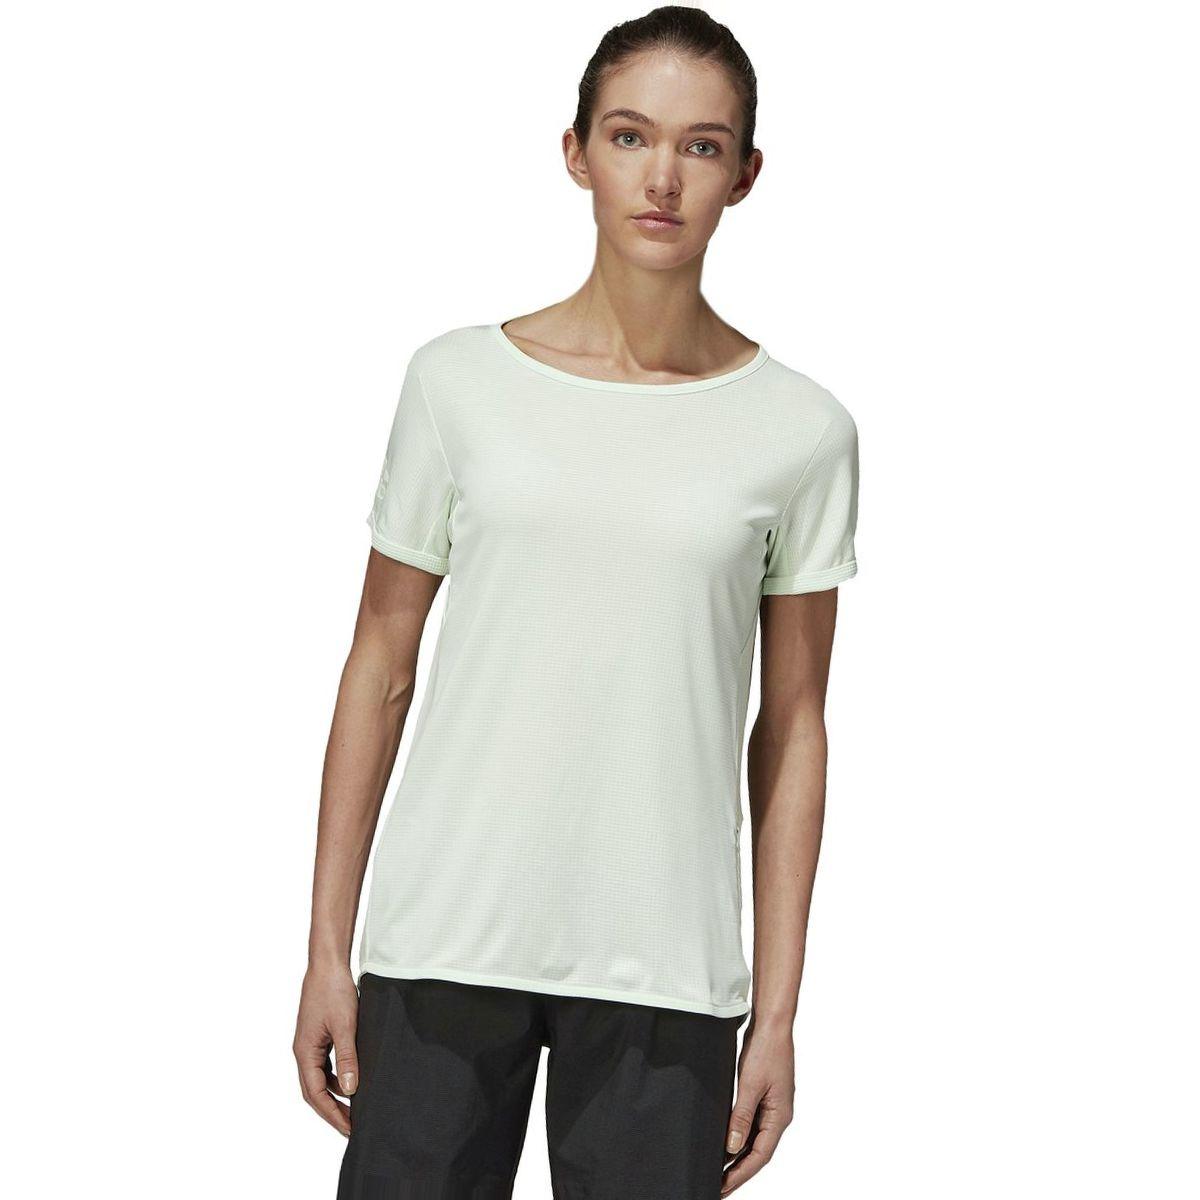 Adidas Outdoor Climachill T-Shirt - Women's